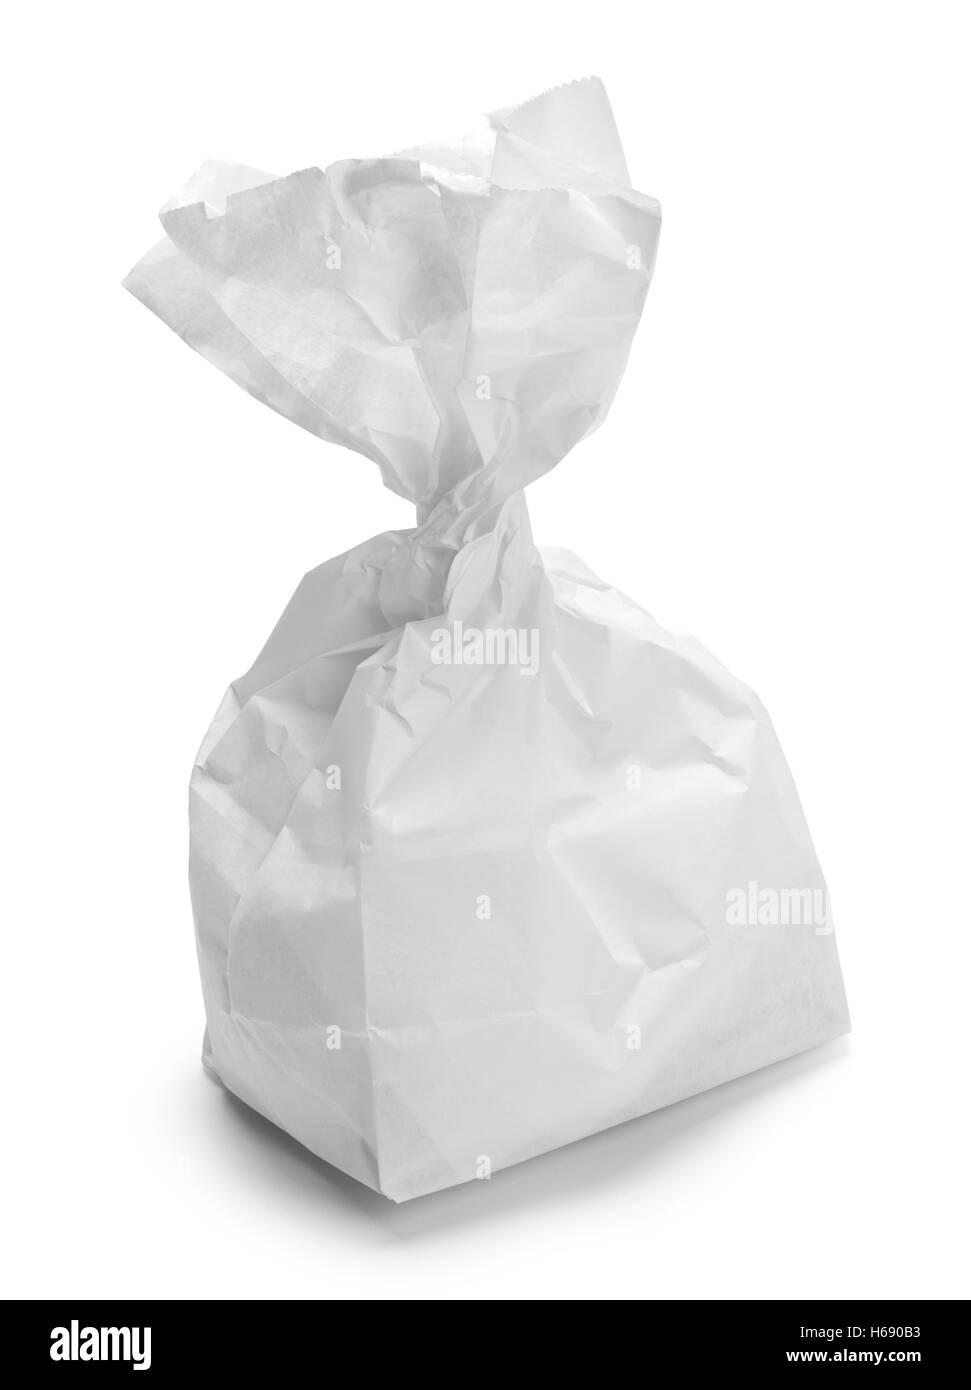 Ritorto pranzo bianco sacca isolata su sfondo bianco. Immagini Stock